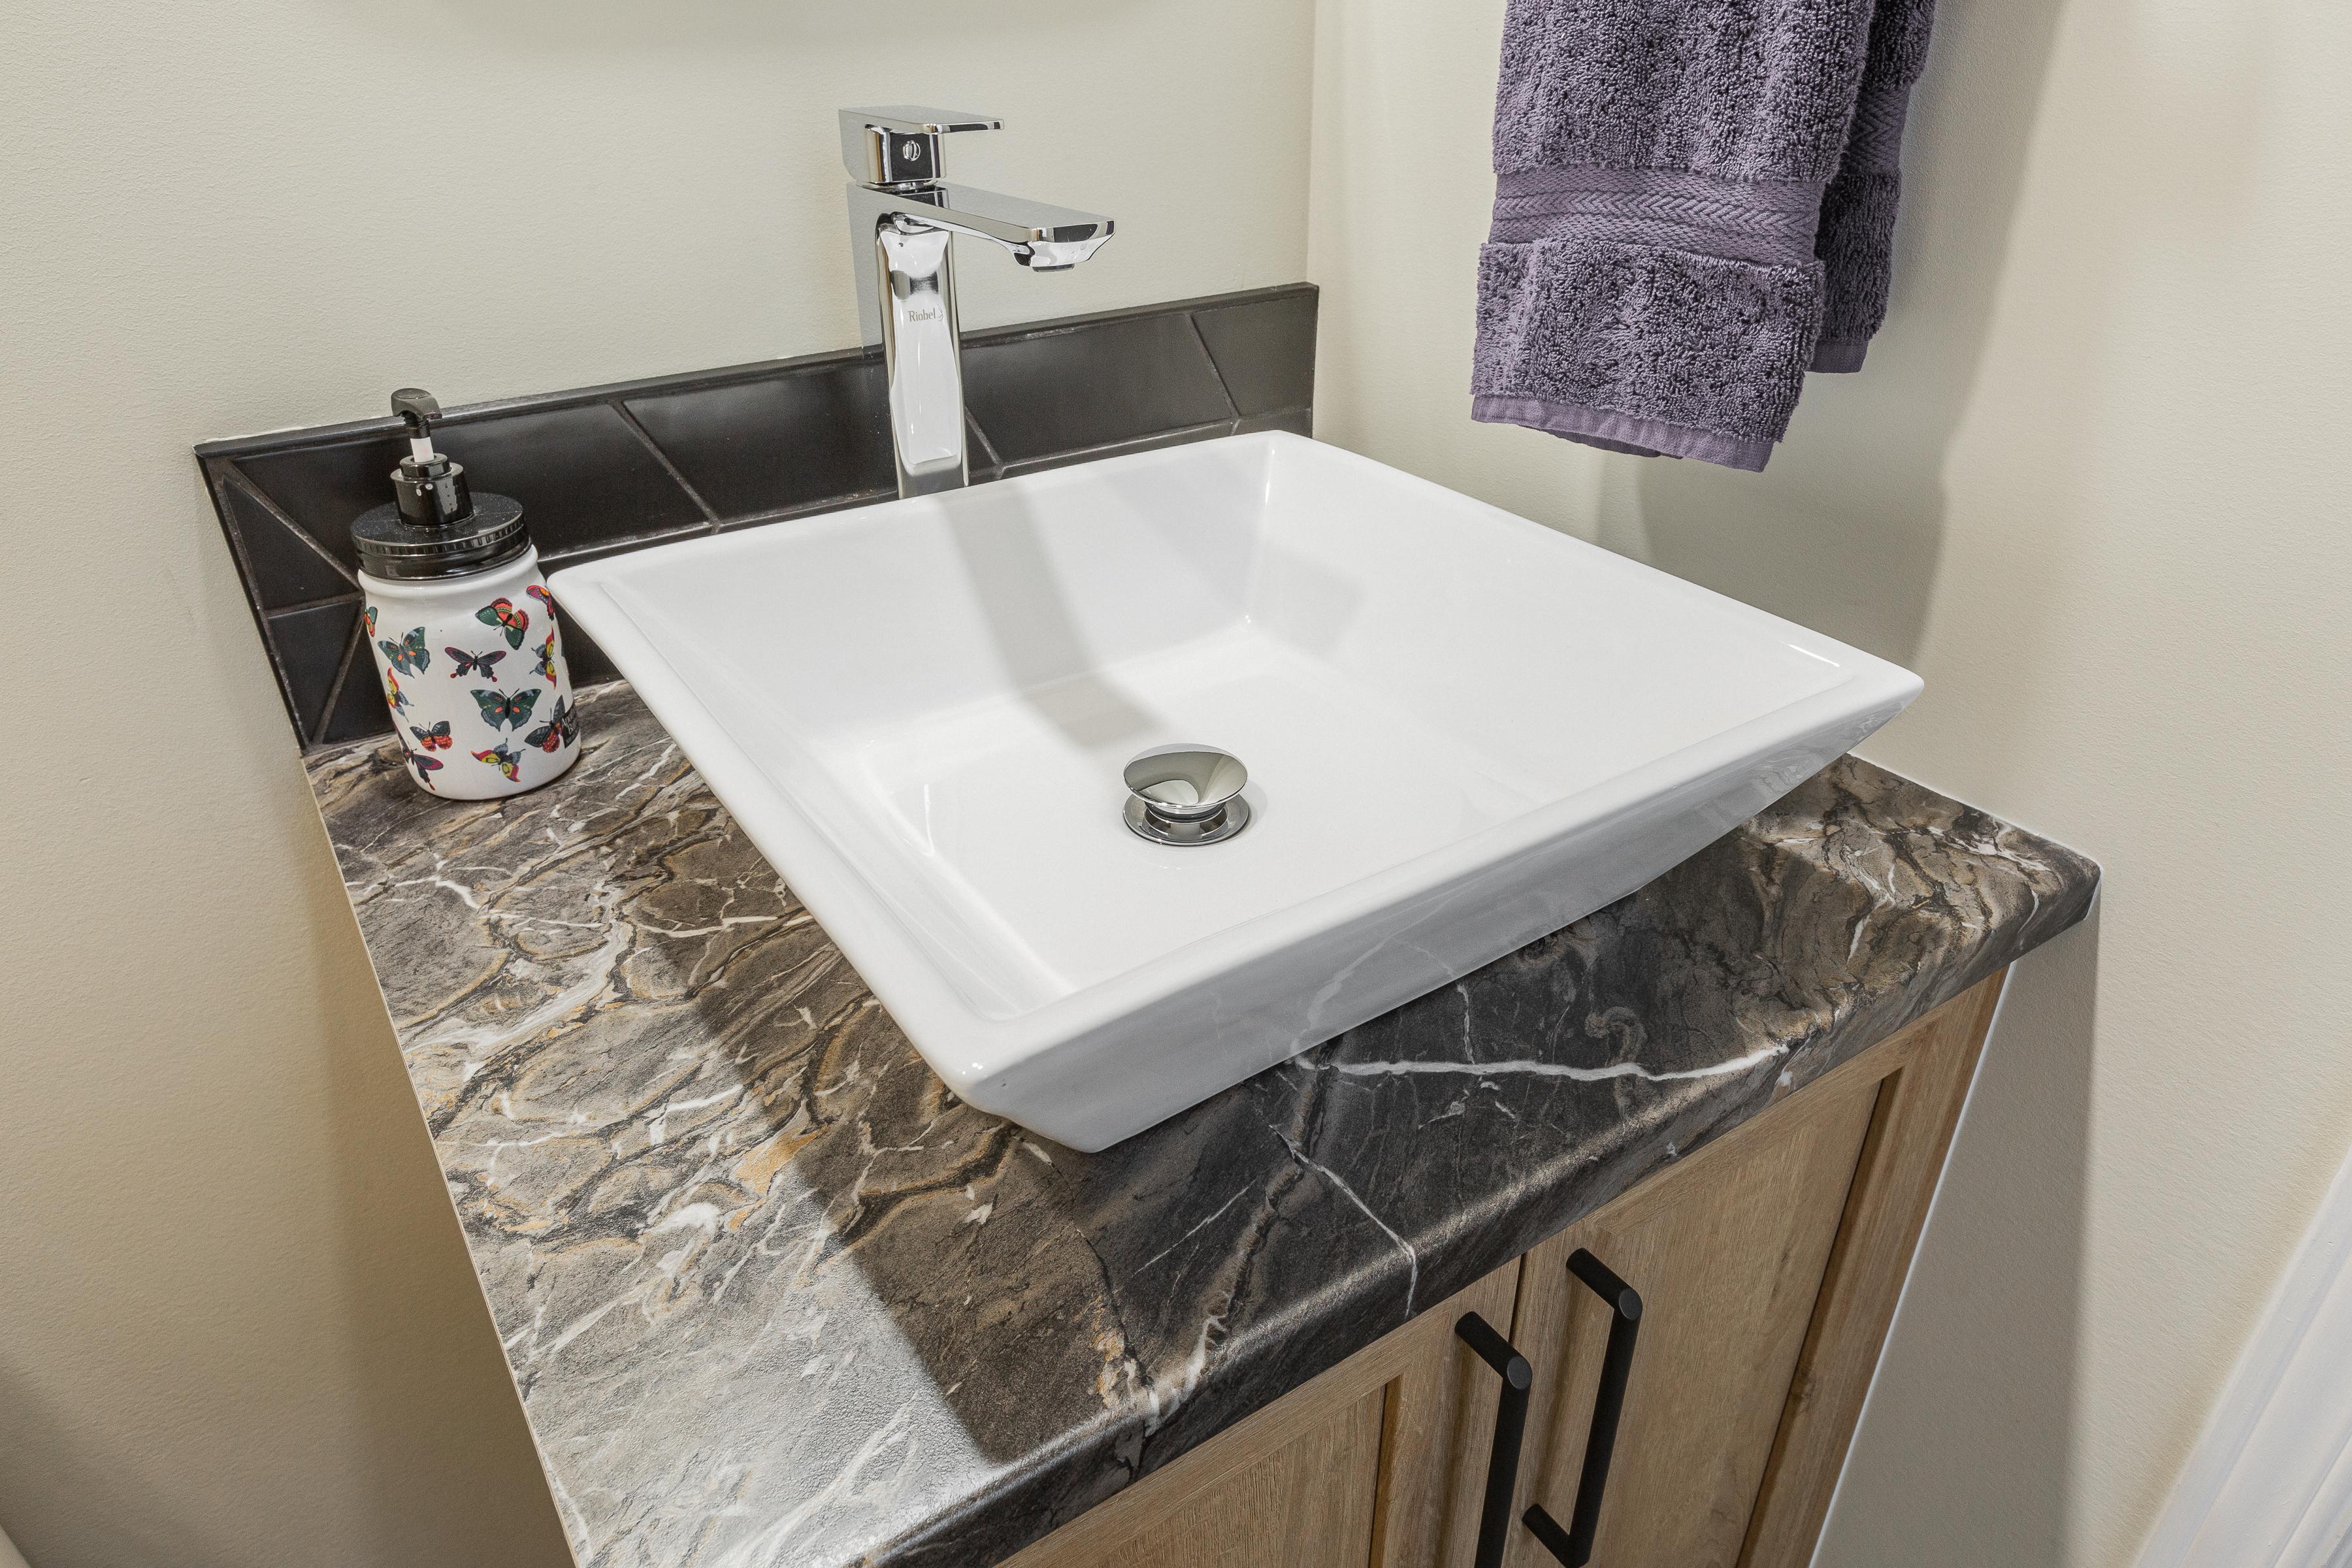 vasque rectangulaire et son comptoir en stratifié à l'effet marbre sur une petite vanité